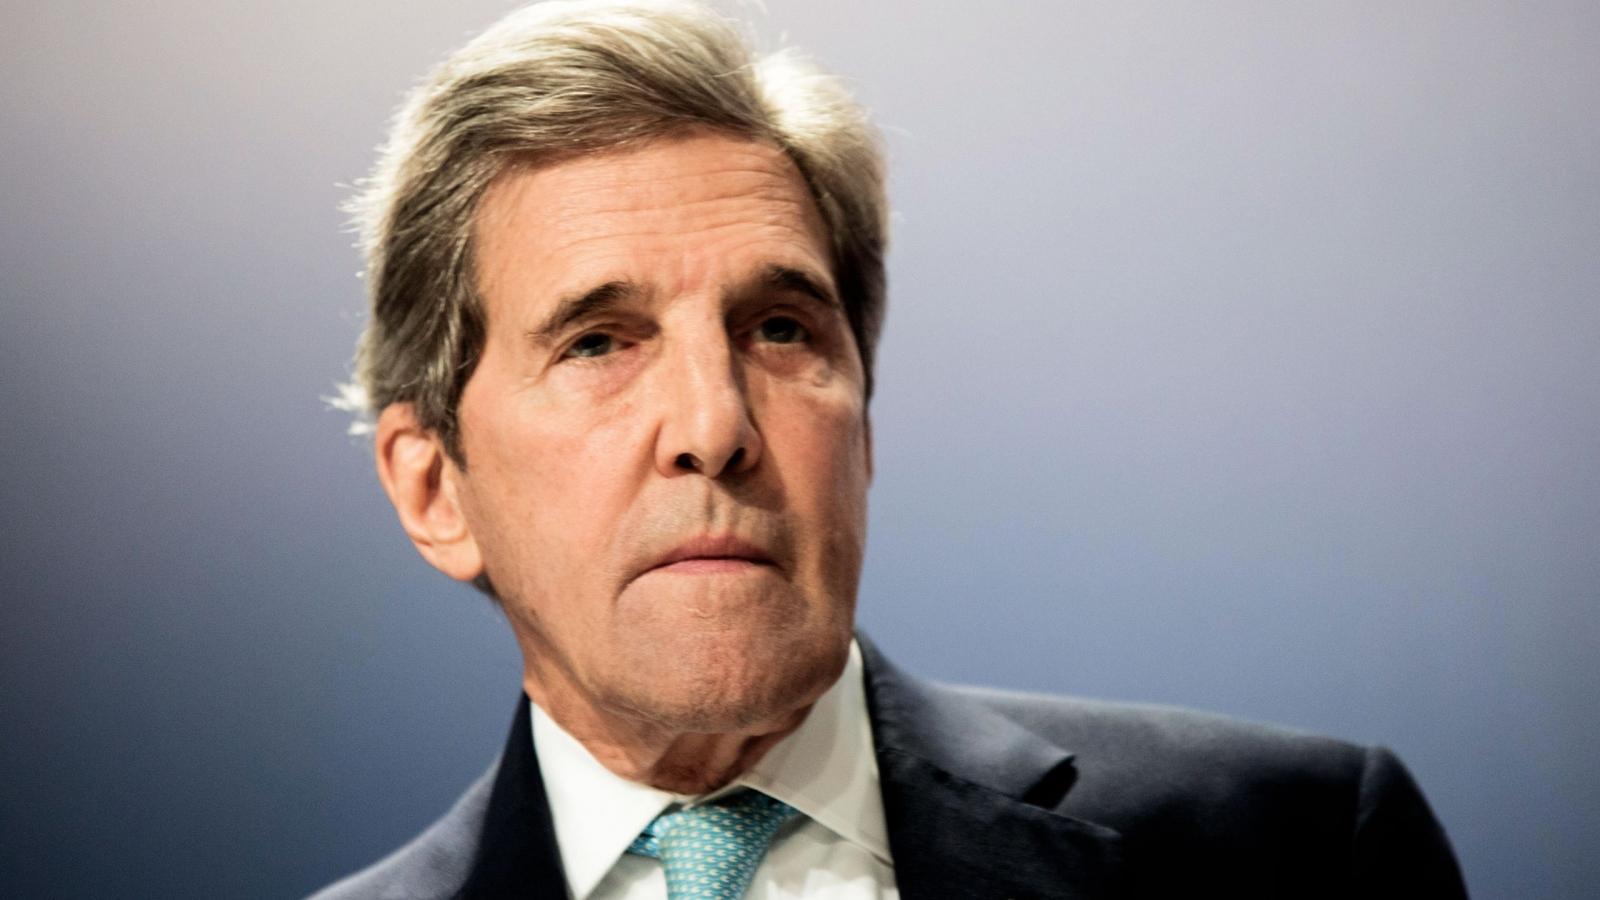 Đặc phái viên về khí hậu của Mỹ John Kerry thăm Trung Quốc lần thứ hai